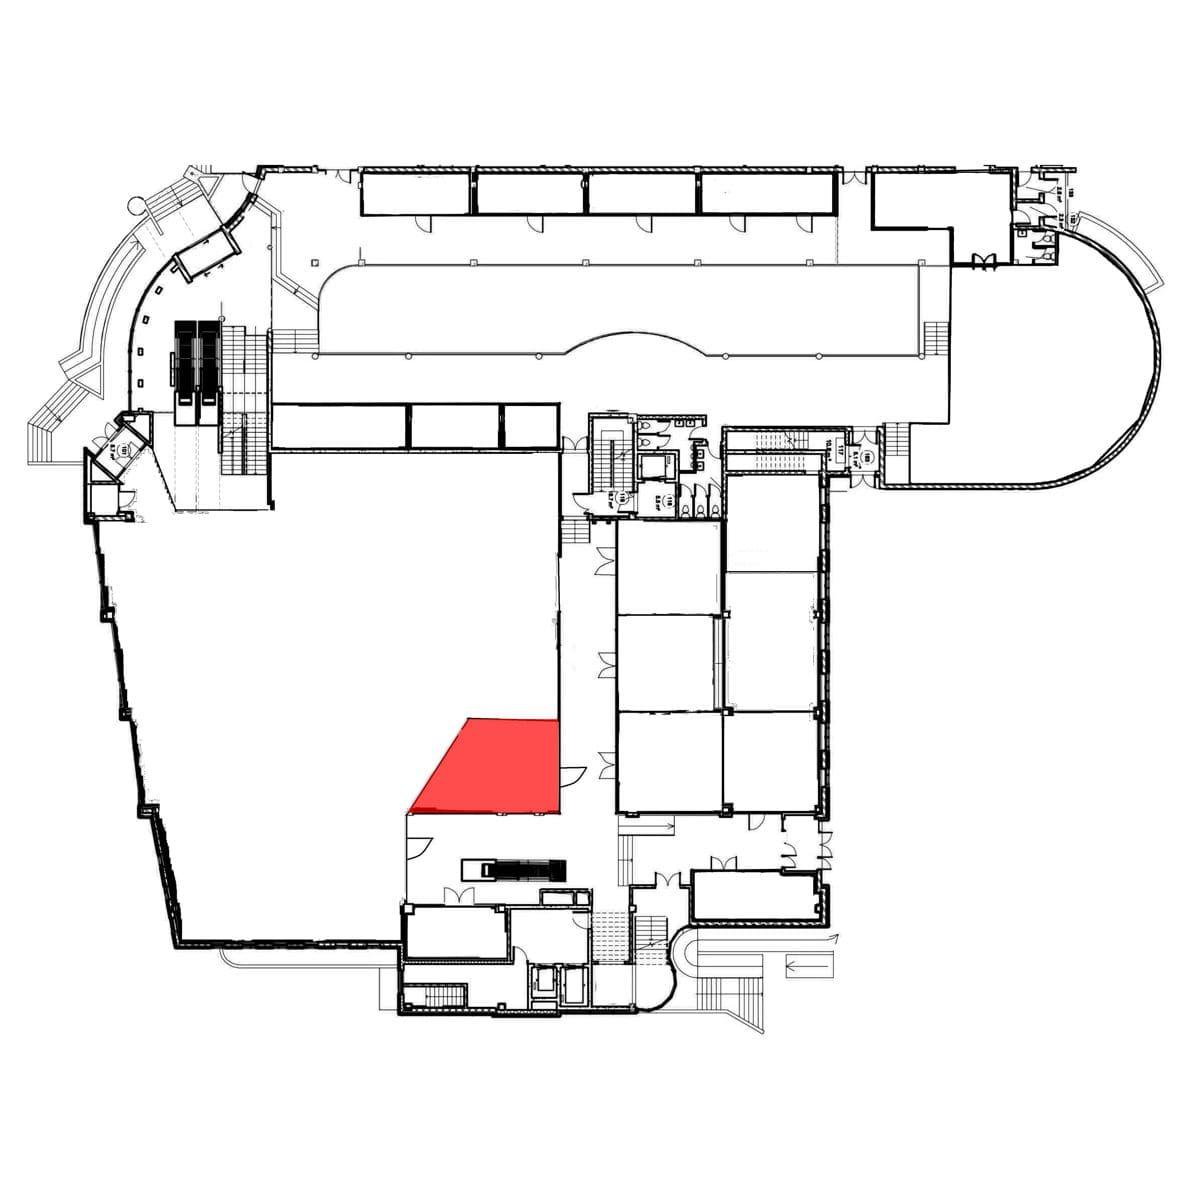 аренда помещения 1 этаж 45,8 м2